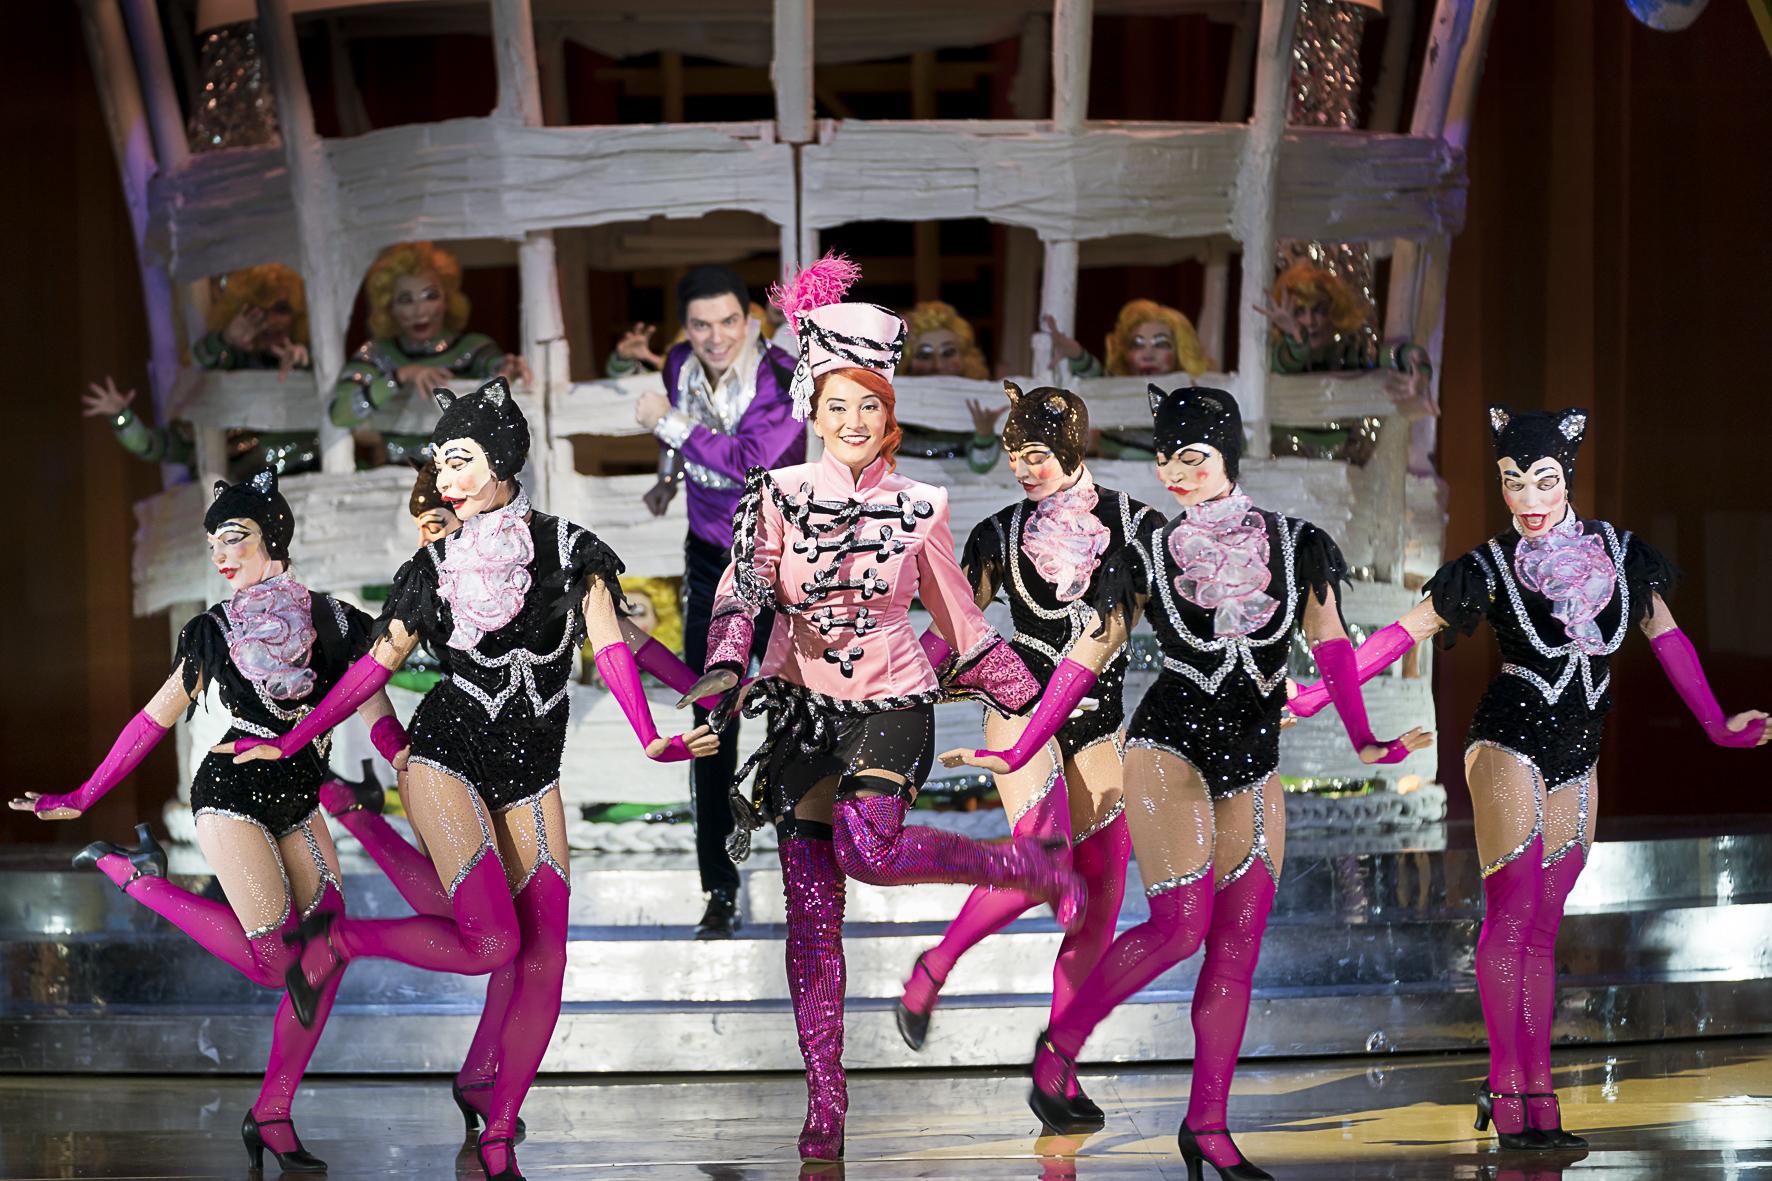 """Mareike Jankowski (Suza), and the ballet of Oper Graz in """"Polnische Hochzeit."""" (Photo: Werner Kmetitsch)"""